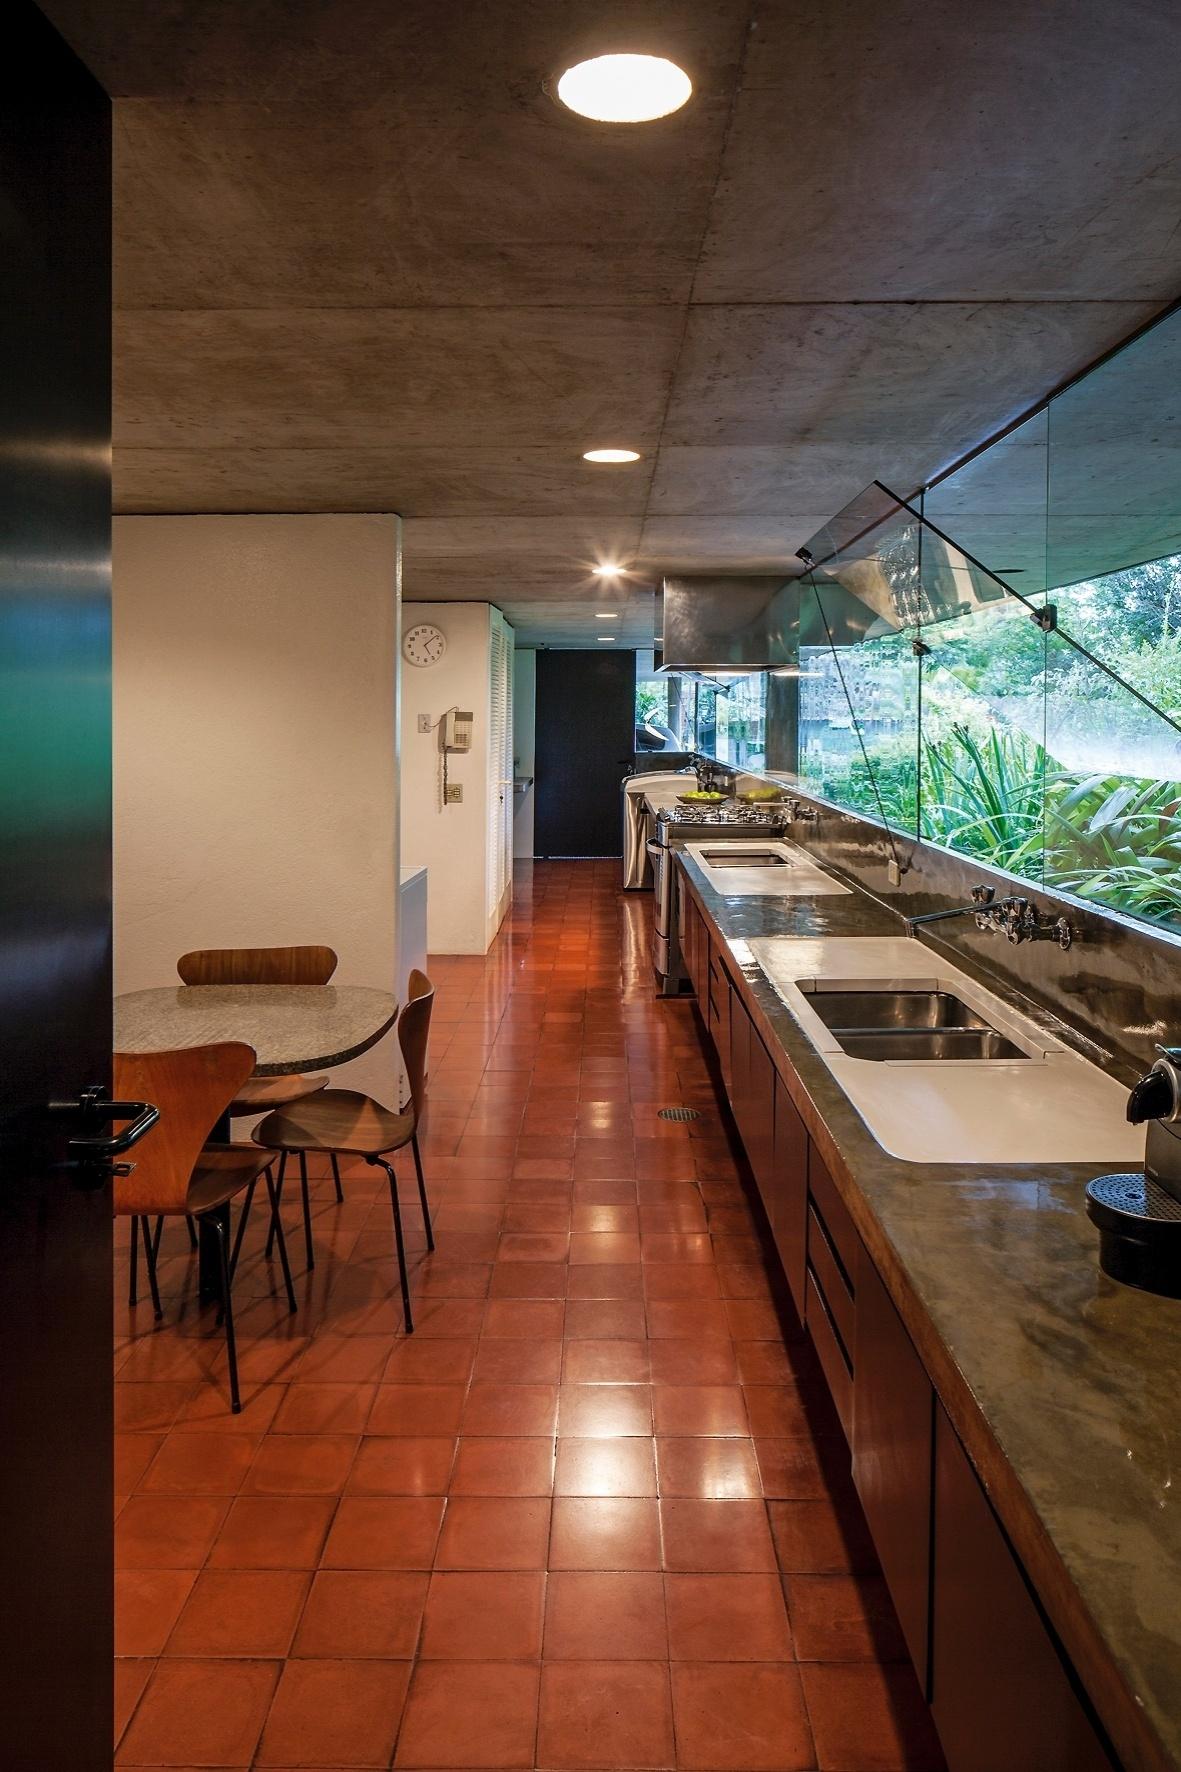 Vidro Para Cozinha Americana Bancada De Vidro Para Cozinha Americana 2 #783D24 1181 1772